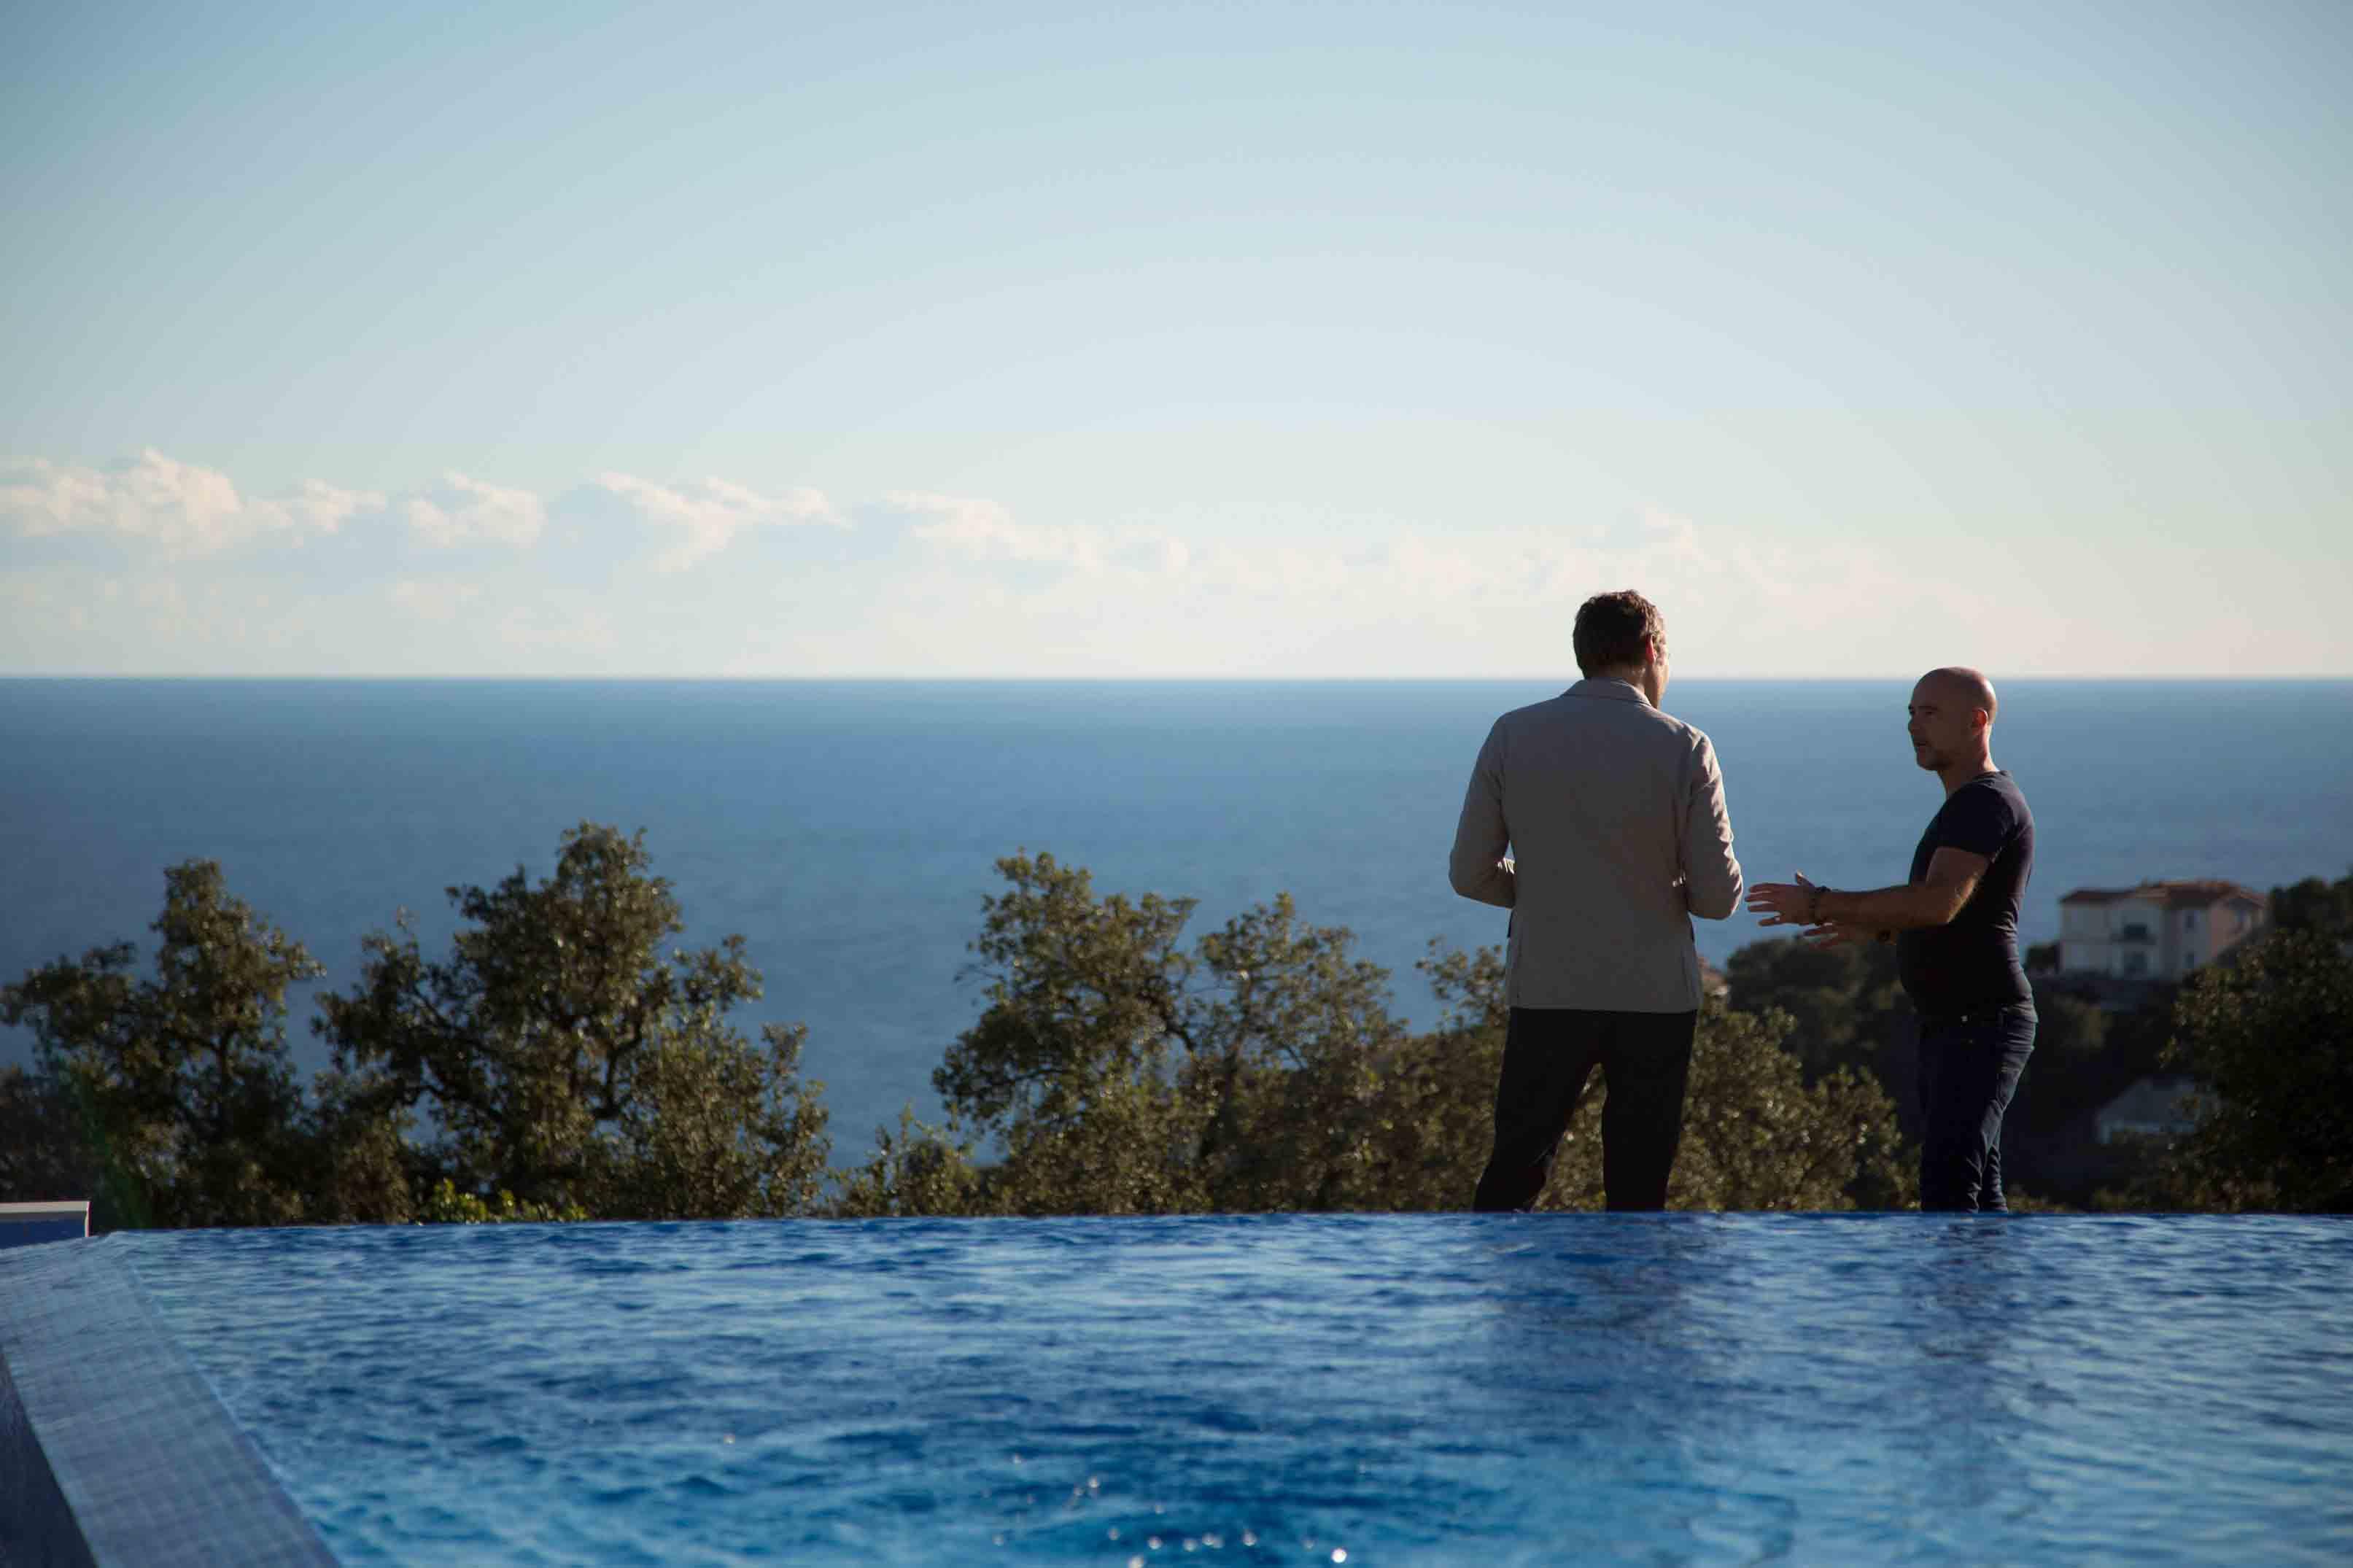 Nueva temporada de casas frente al mar en m s chic for Casa moderna frente al mar